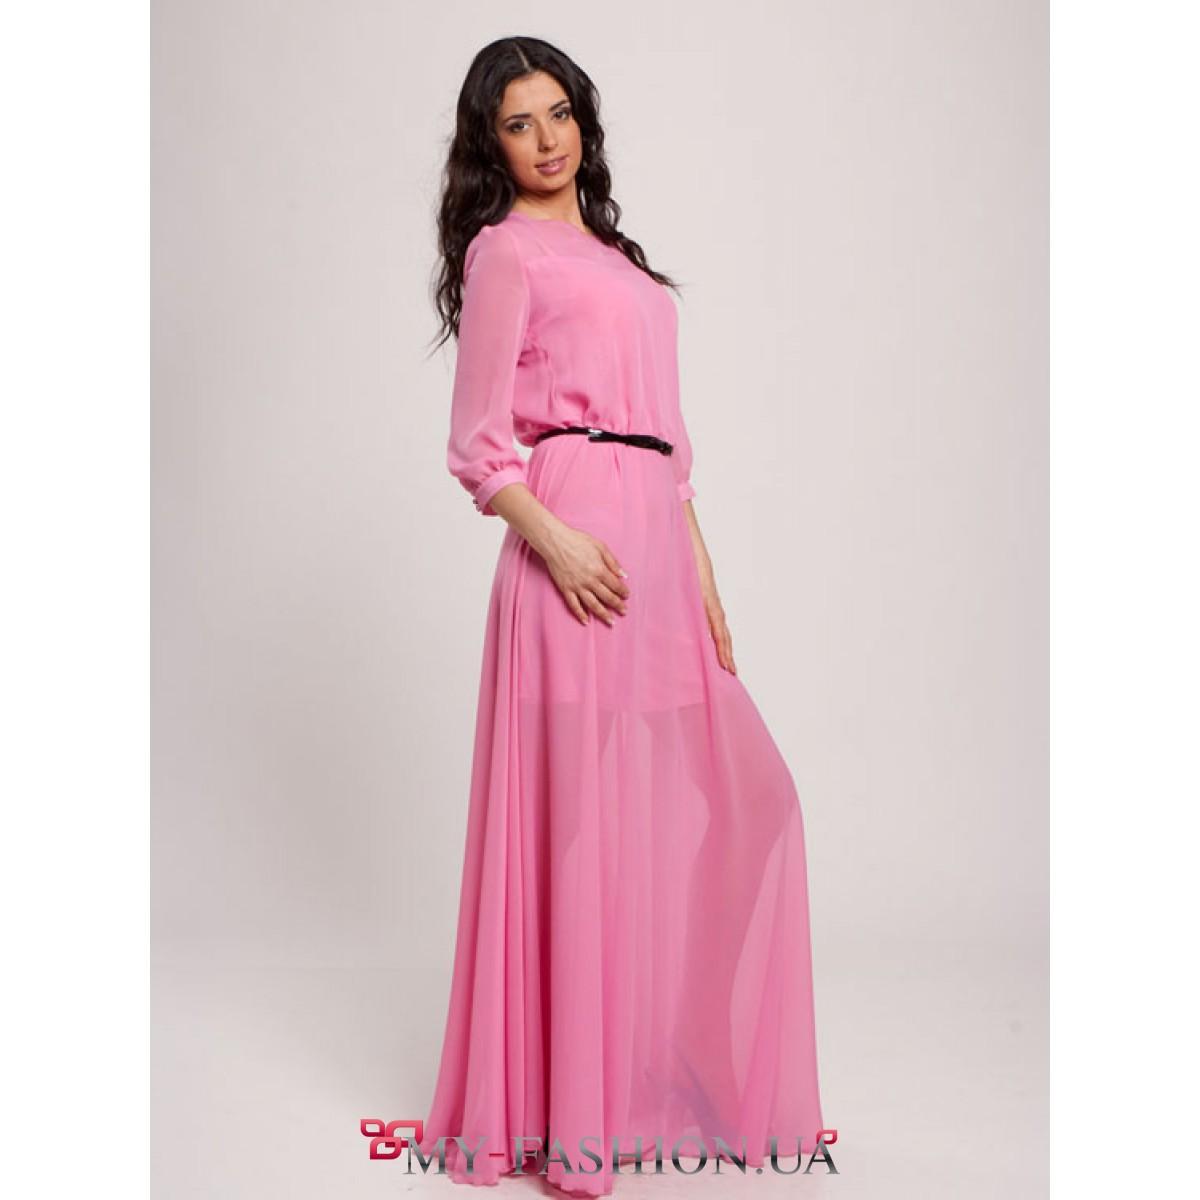 Длинное платье с рукавом в три четверти